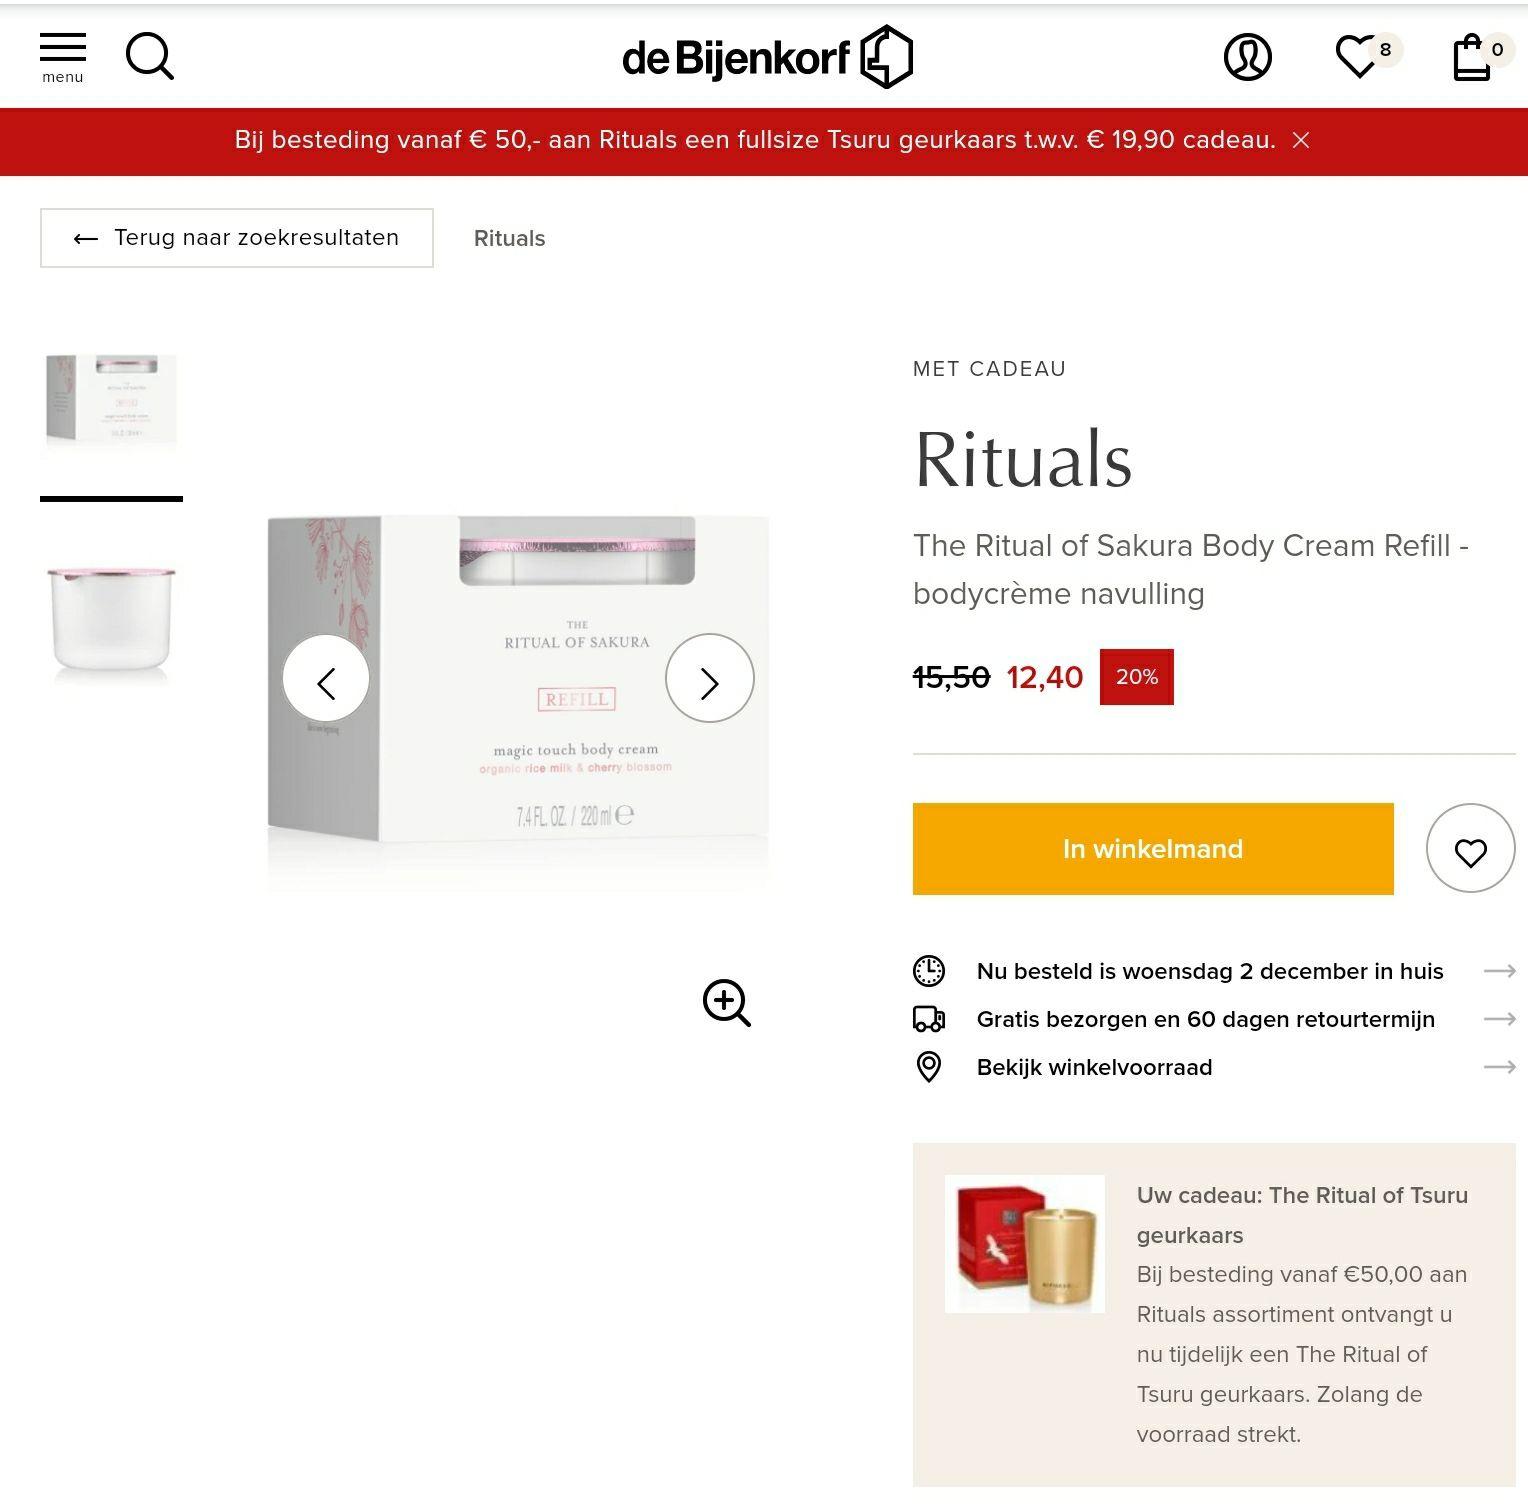 20% korting op Rituals Refill bij de Bijenkorf + cadeau vanaf 50 euro